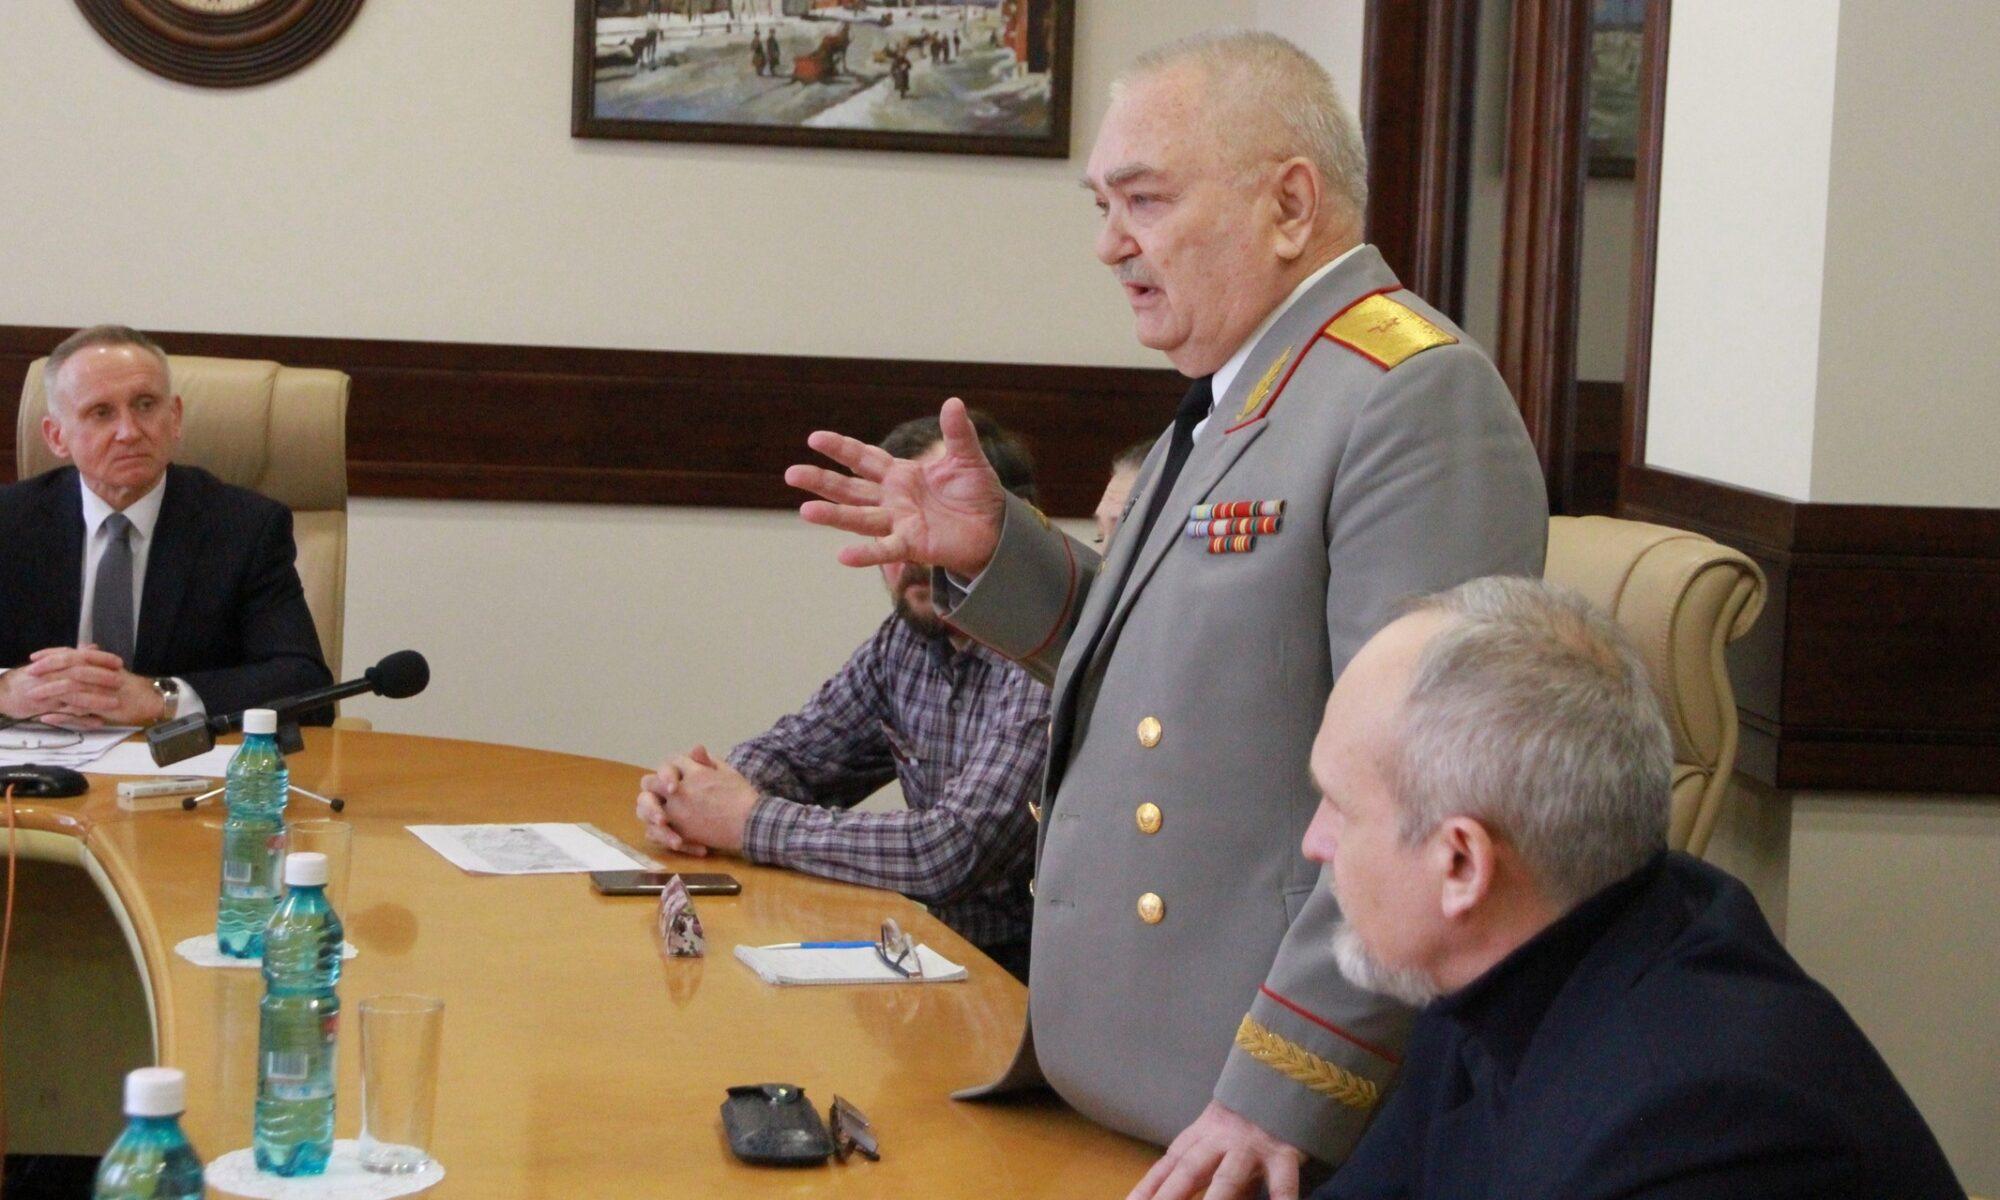 Первый вице-спикер Законодательного собрания Новосибирской области Андрей Панферов встретился с представителями Координационного совета и обсудил перспективы развития Военного городка.